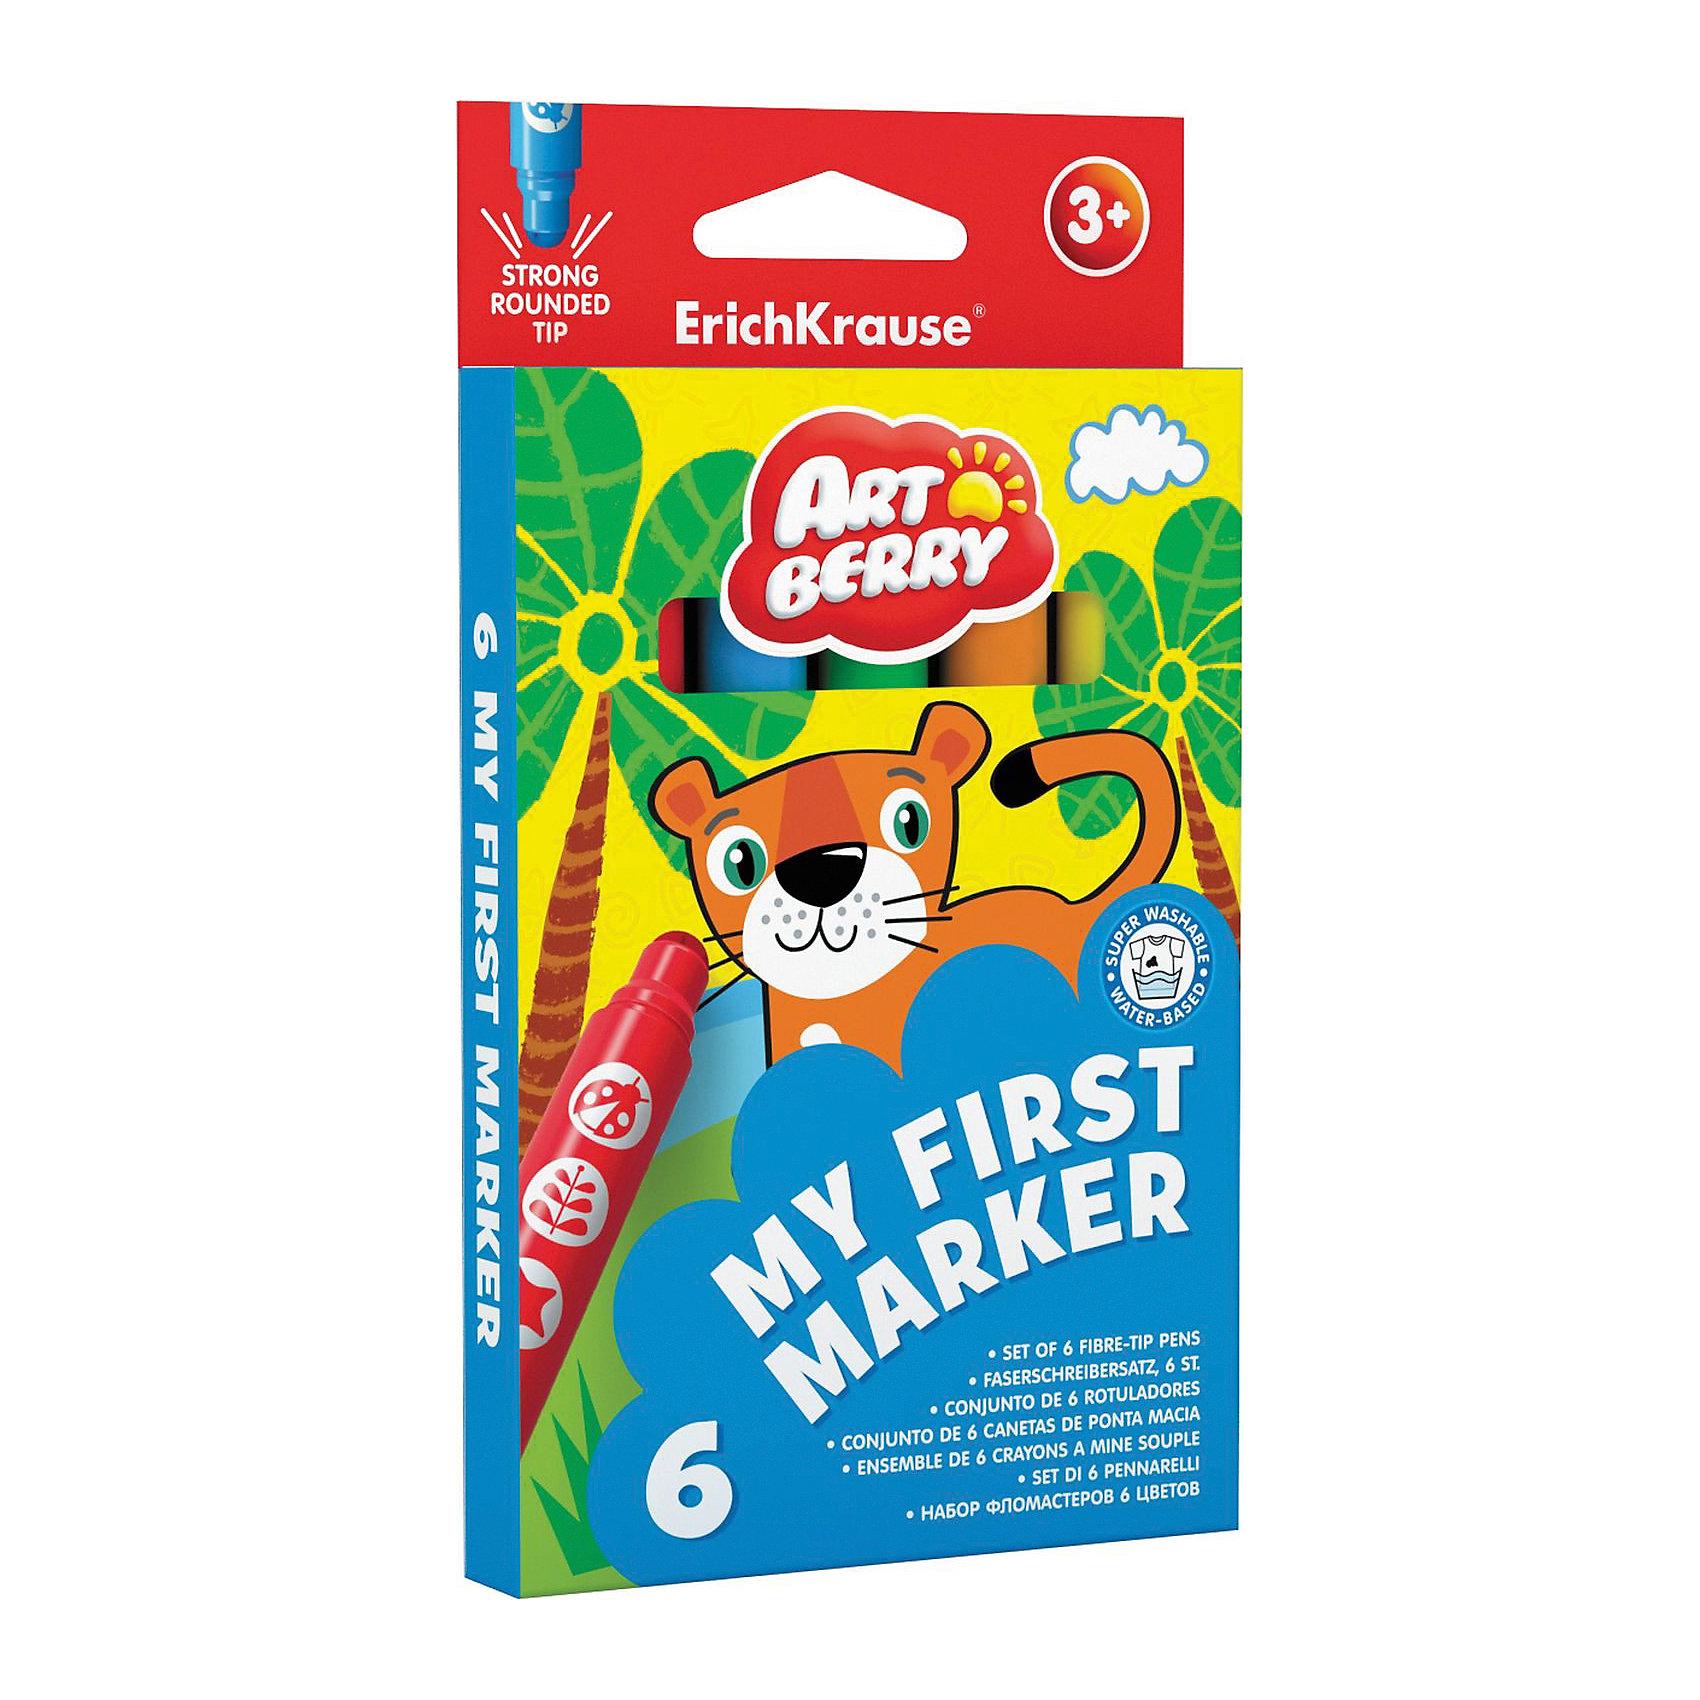 Закругленные фломастеры My First Marker (6 цветов), ArtberryЗакругленные фломастеры My First Marker (6 цветов), Artberry (Артберри) разработаны специально для малышей: утолщенный корпус фломастера позволяет маленькому ребёнку удобно держать его в руке, даже просто зажав в кулак. <br><br>Характеристики:<br>-Яркие насыщенные цвета<br>-Безопасные чернила на водной основе легко смываются холодной водой, отстирываются с тканей и отмываются с бытовых поверхностей<br>-Вентилируемый колпачок, плотная заглушка<br>-Четкие контрастные линии<br>-Ударопрочный широкий наконечник пишет под любым углом<br><br>Комплектация: 6 разноцветных фломастеров<br><br>Дополнительная информация:<br>-Вес в упаковке: 97 г<br>-Размеры в упаковке: 170х95х10 мм<br>-Материалы: пластик, картон, чернила<br><br>Набор закругленных фломастеров станет отличным подарком, который доставит настоящую радость детям и откроет возможности для развития творческих способностей Вашего ребенка.<br><br>Закругленные фломастеры My First Marker (6 цветов), Artberry (Артберри) можно купить в нашем магазине.<br><br>Ширина мм: 170<br>Глубина мм: 95<br>Высота мм: 10<br>Вес г: 97<br>Возраст от месяцев: 36<br>Возраст до месяцев: 144<br>Пол: Унисекс<br>Возраст: Детский<br>SKU: 4058302